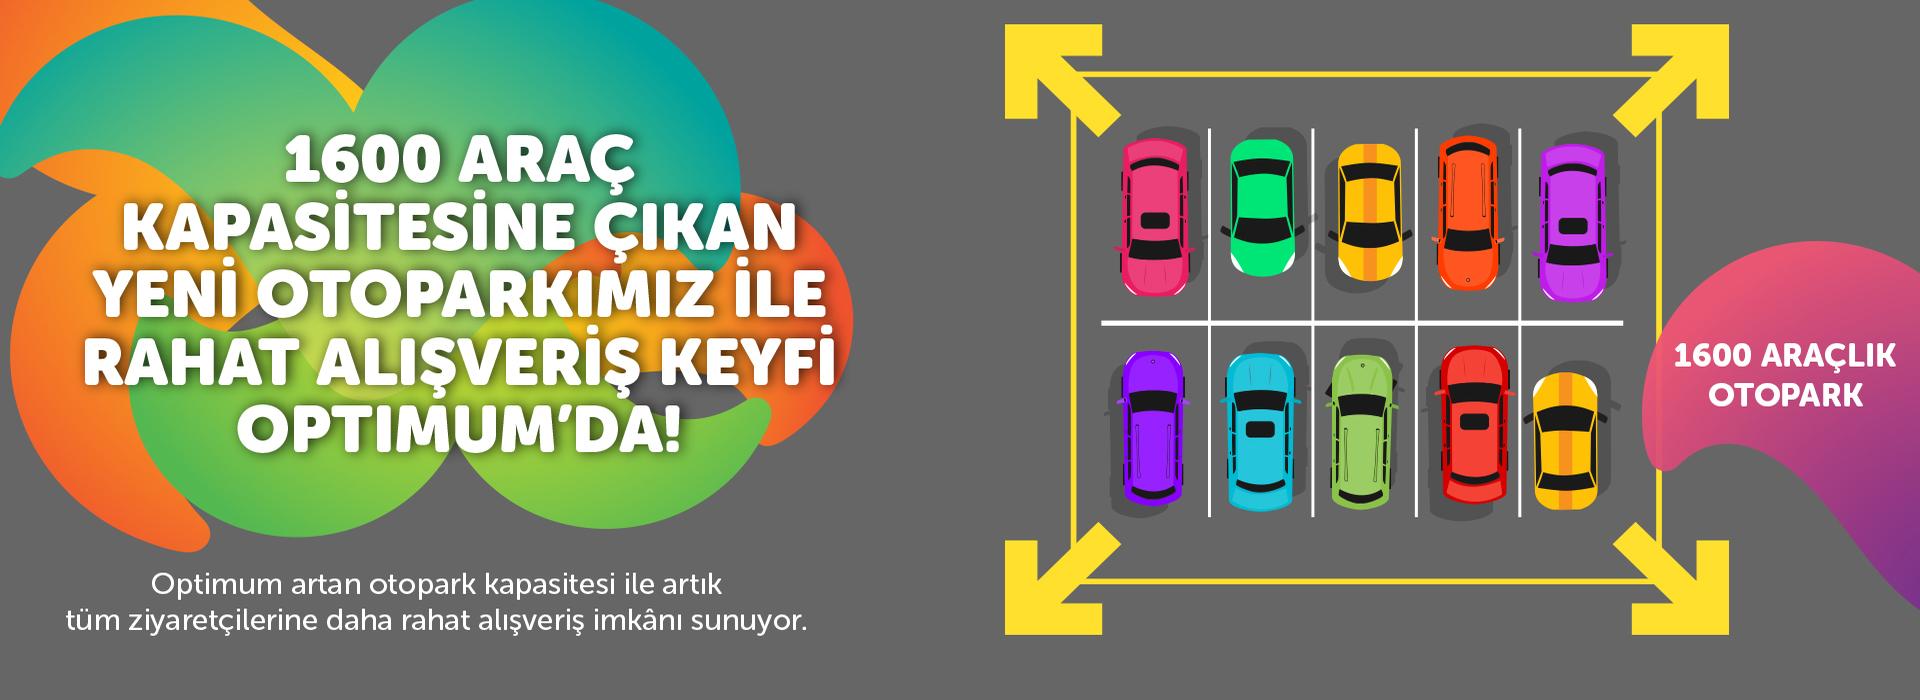 1600 Araç Kapasitesine Çıkan Yeni Otoparkımız ile Rahat Alışveriş Keyfi Optimum'da!